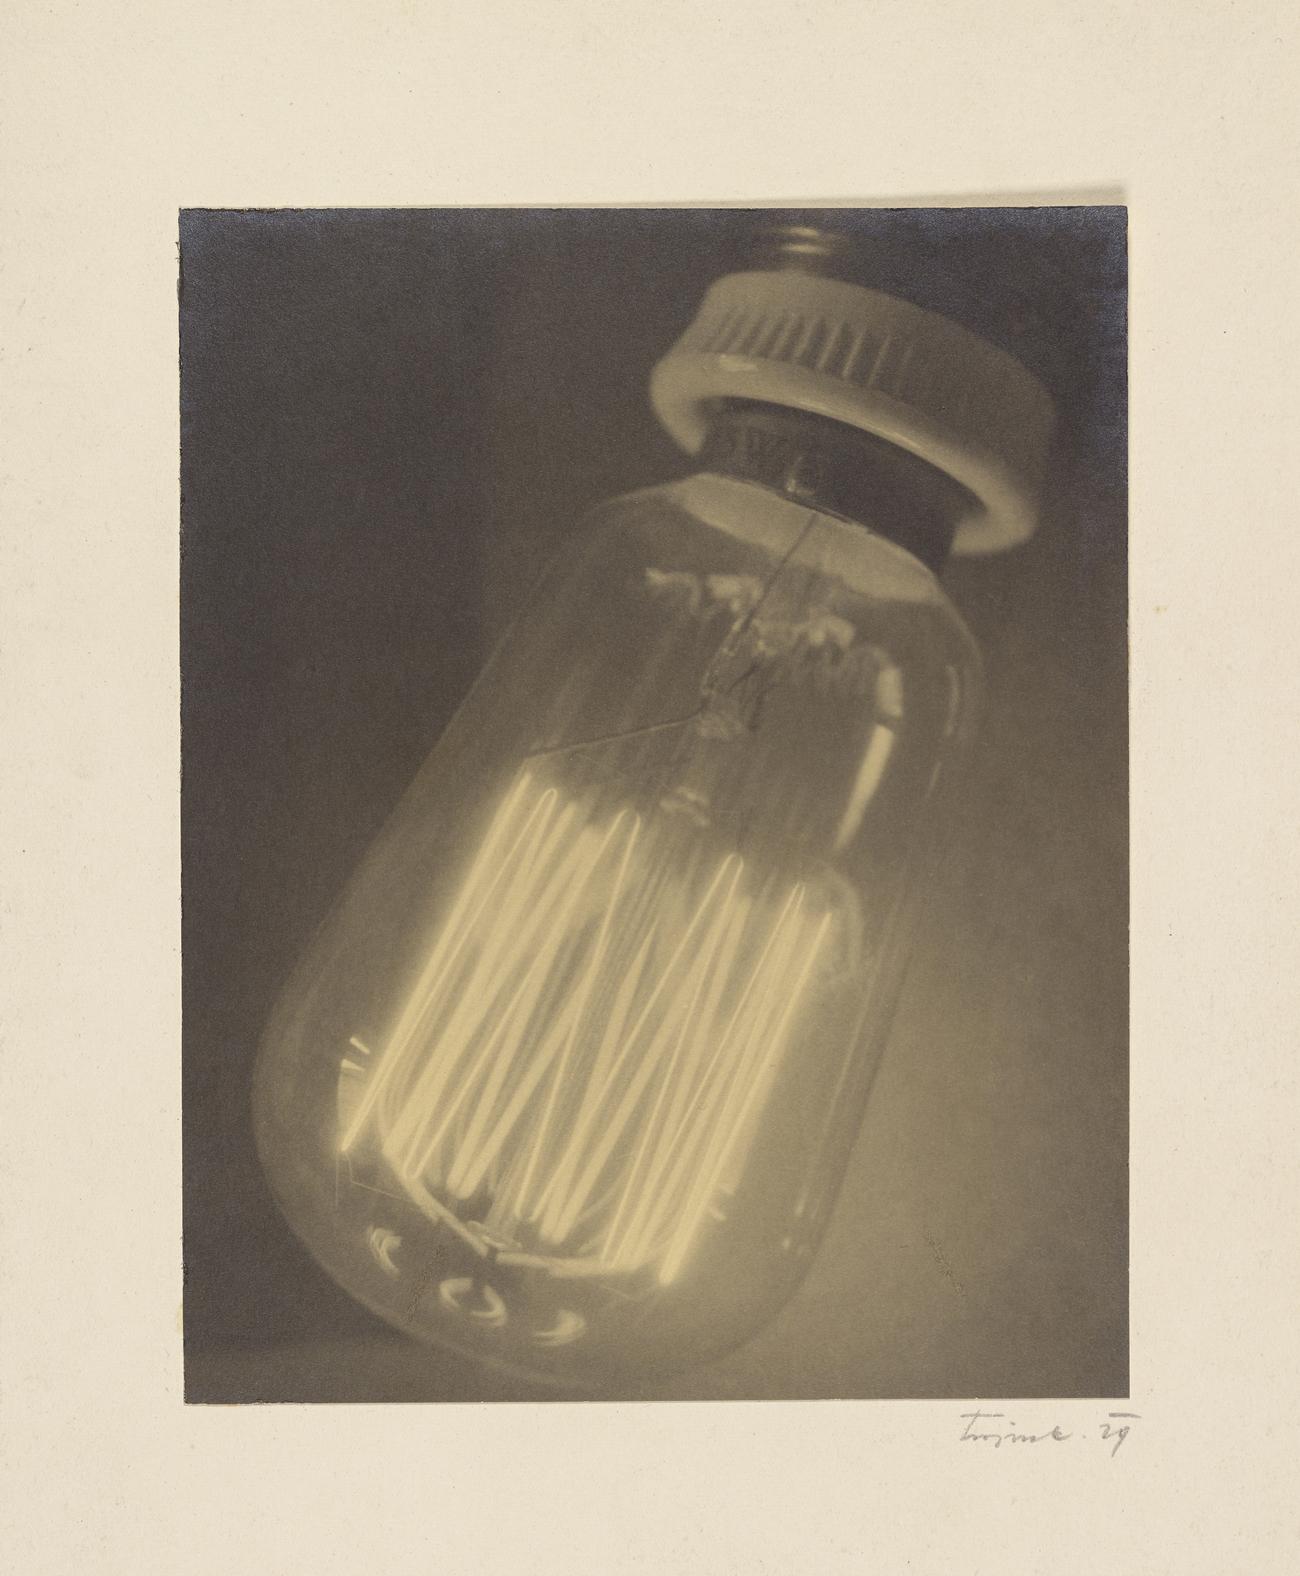 Lightbulb / Trojna